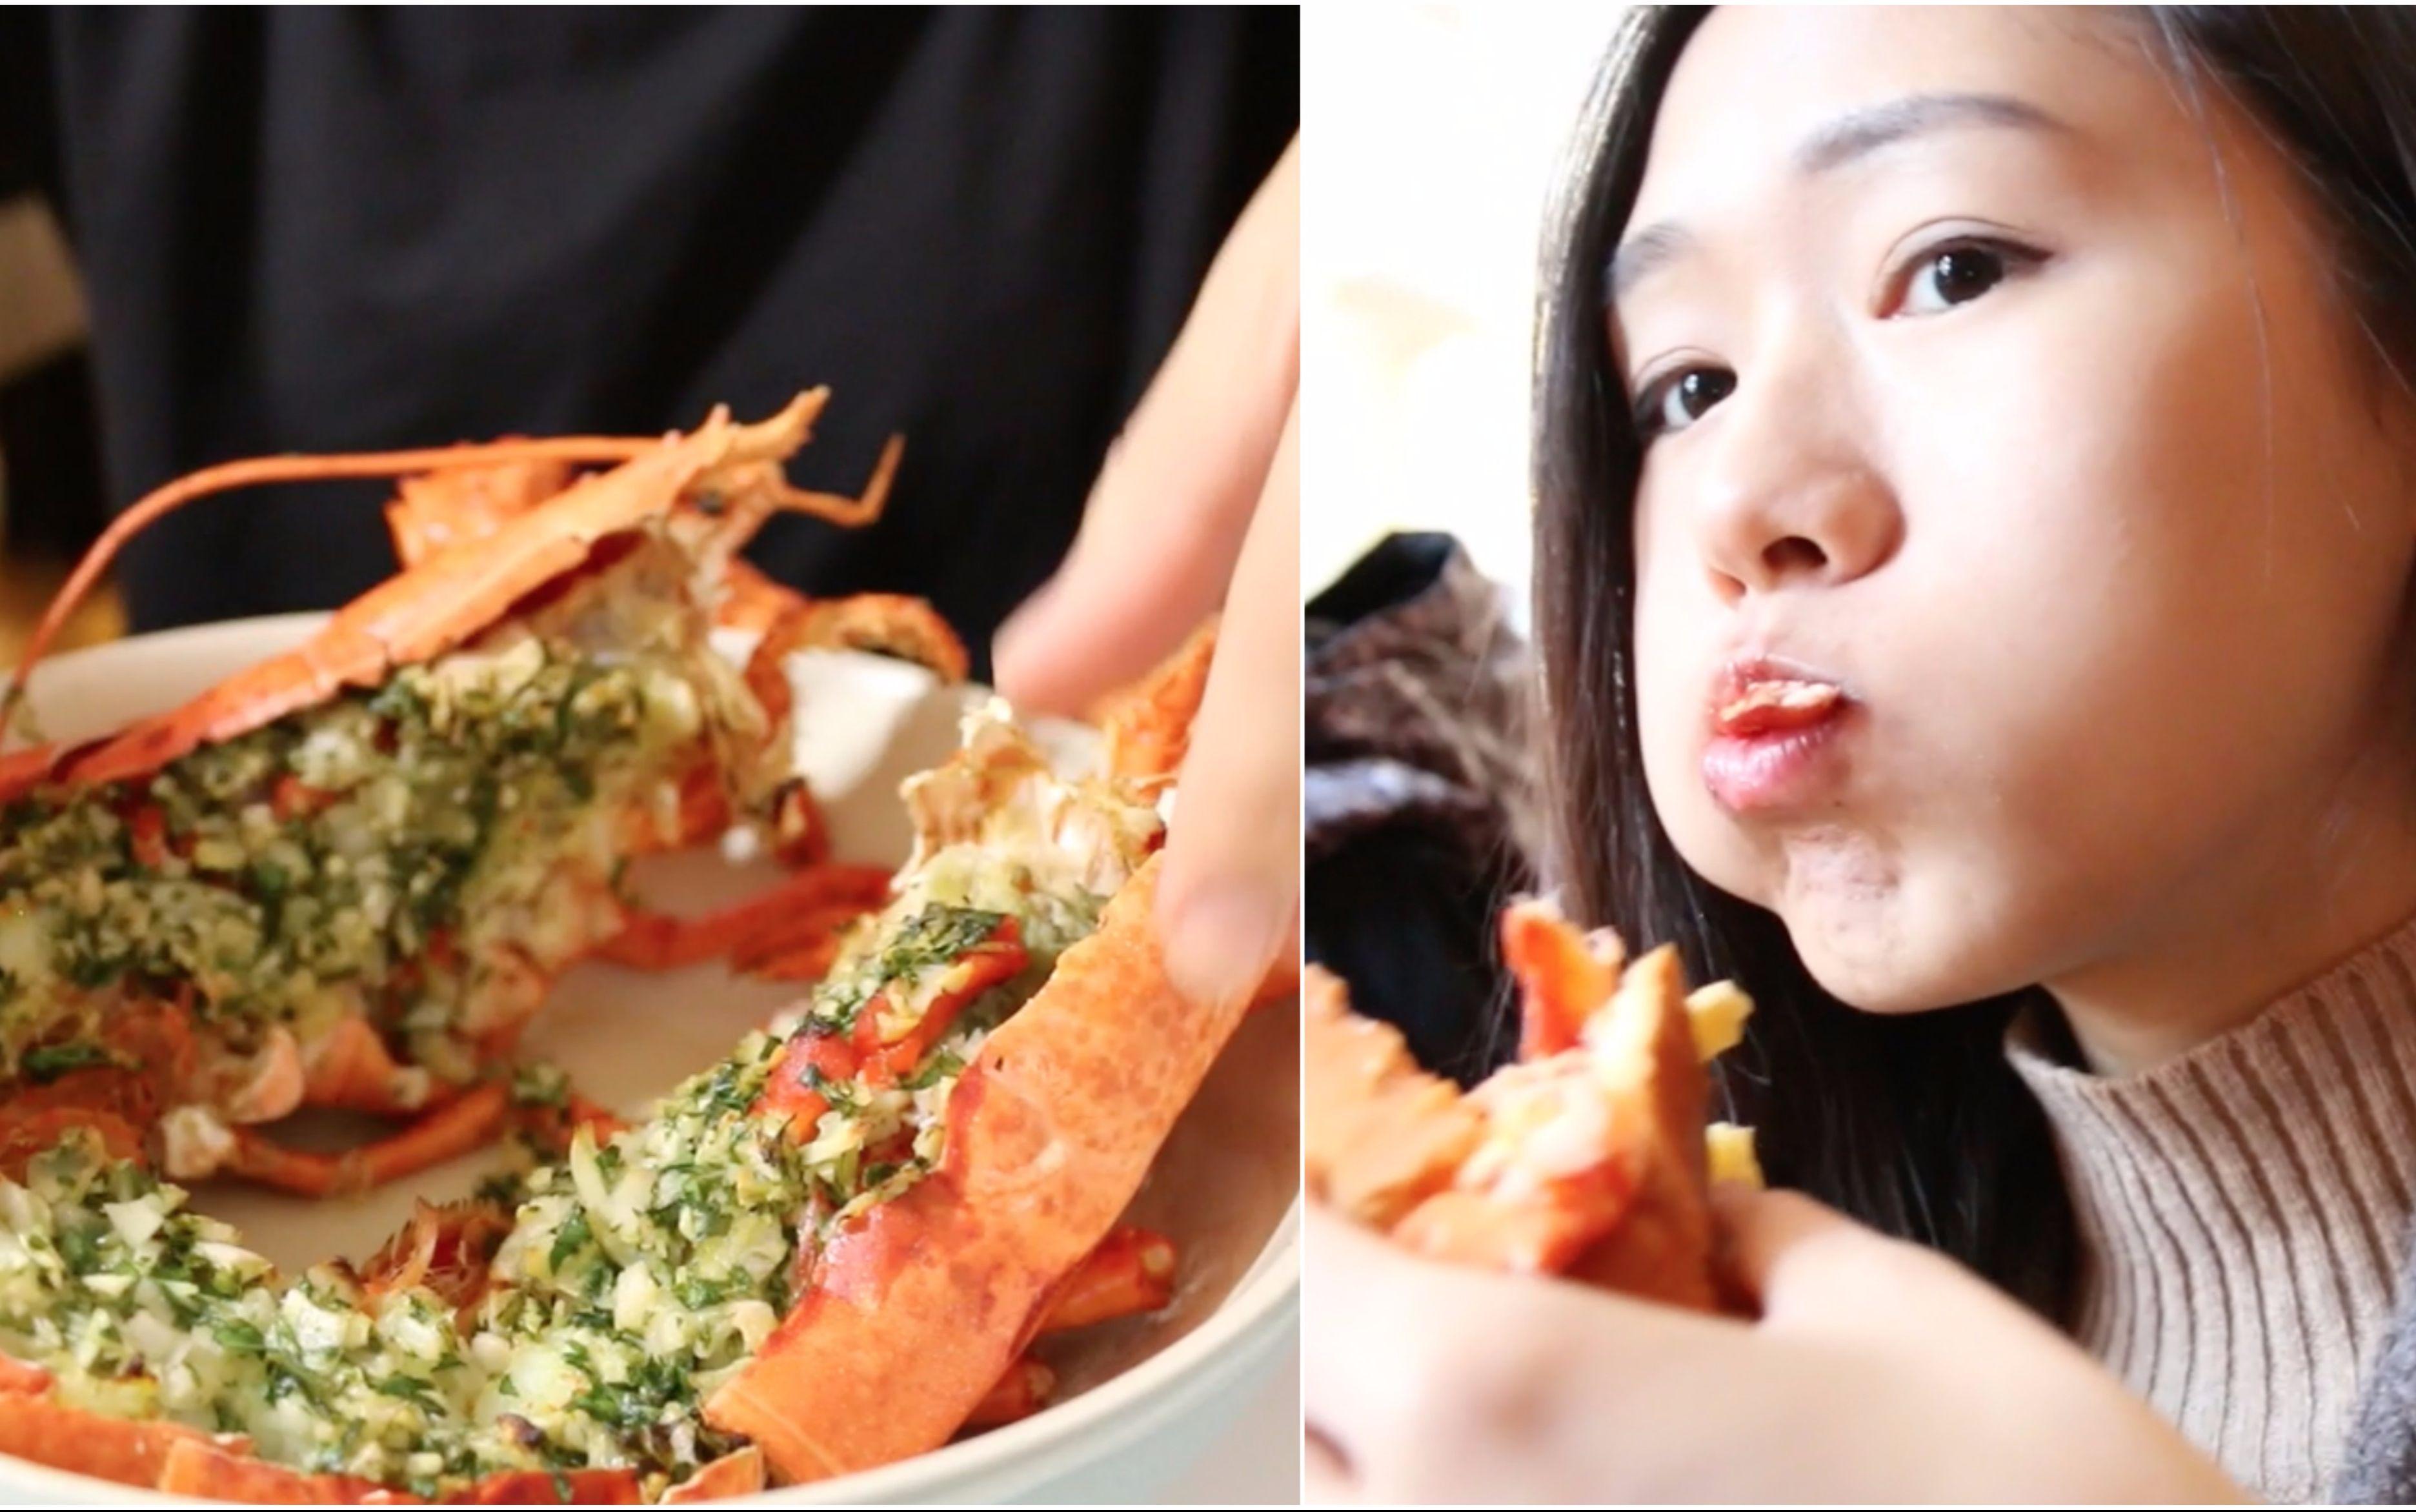 【波士顿龙虾】买超市的白菜价大龙虾!快手好吃的龙虾做法